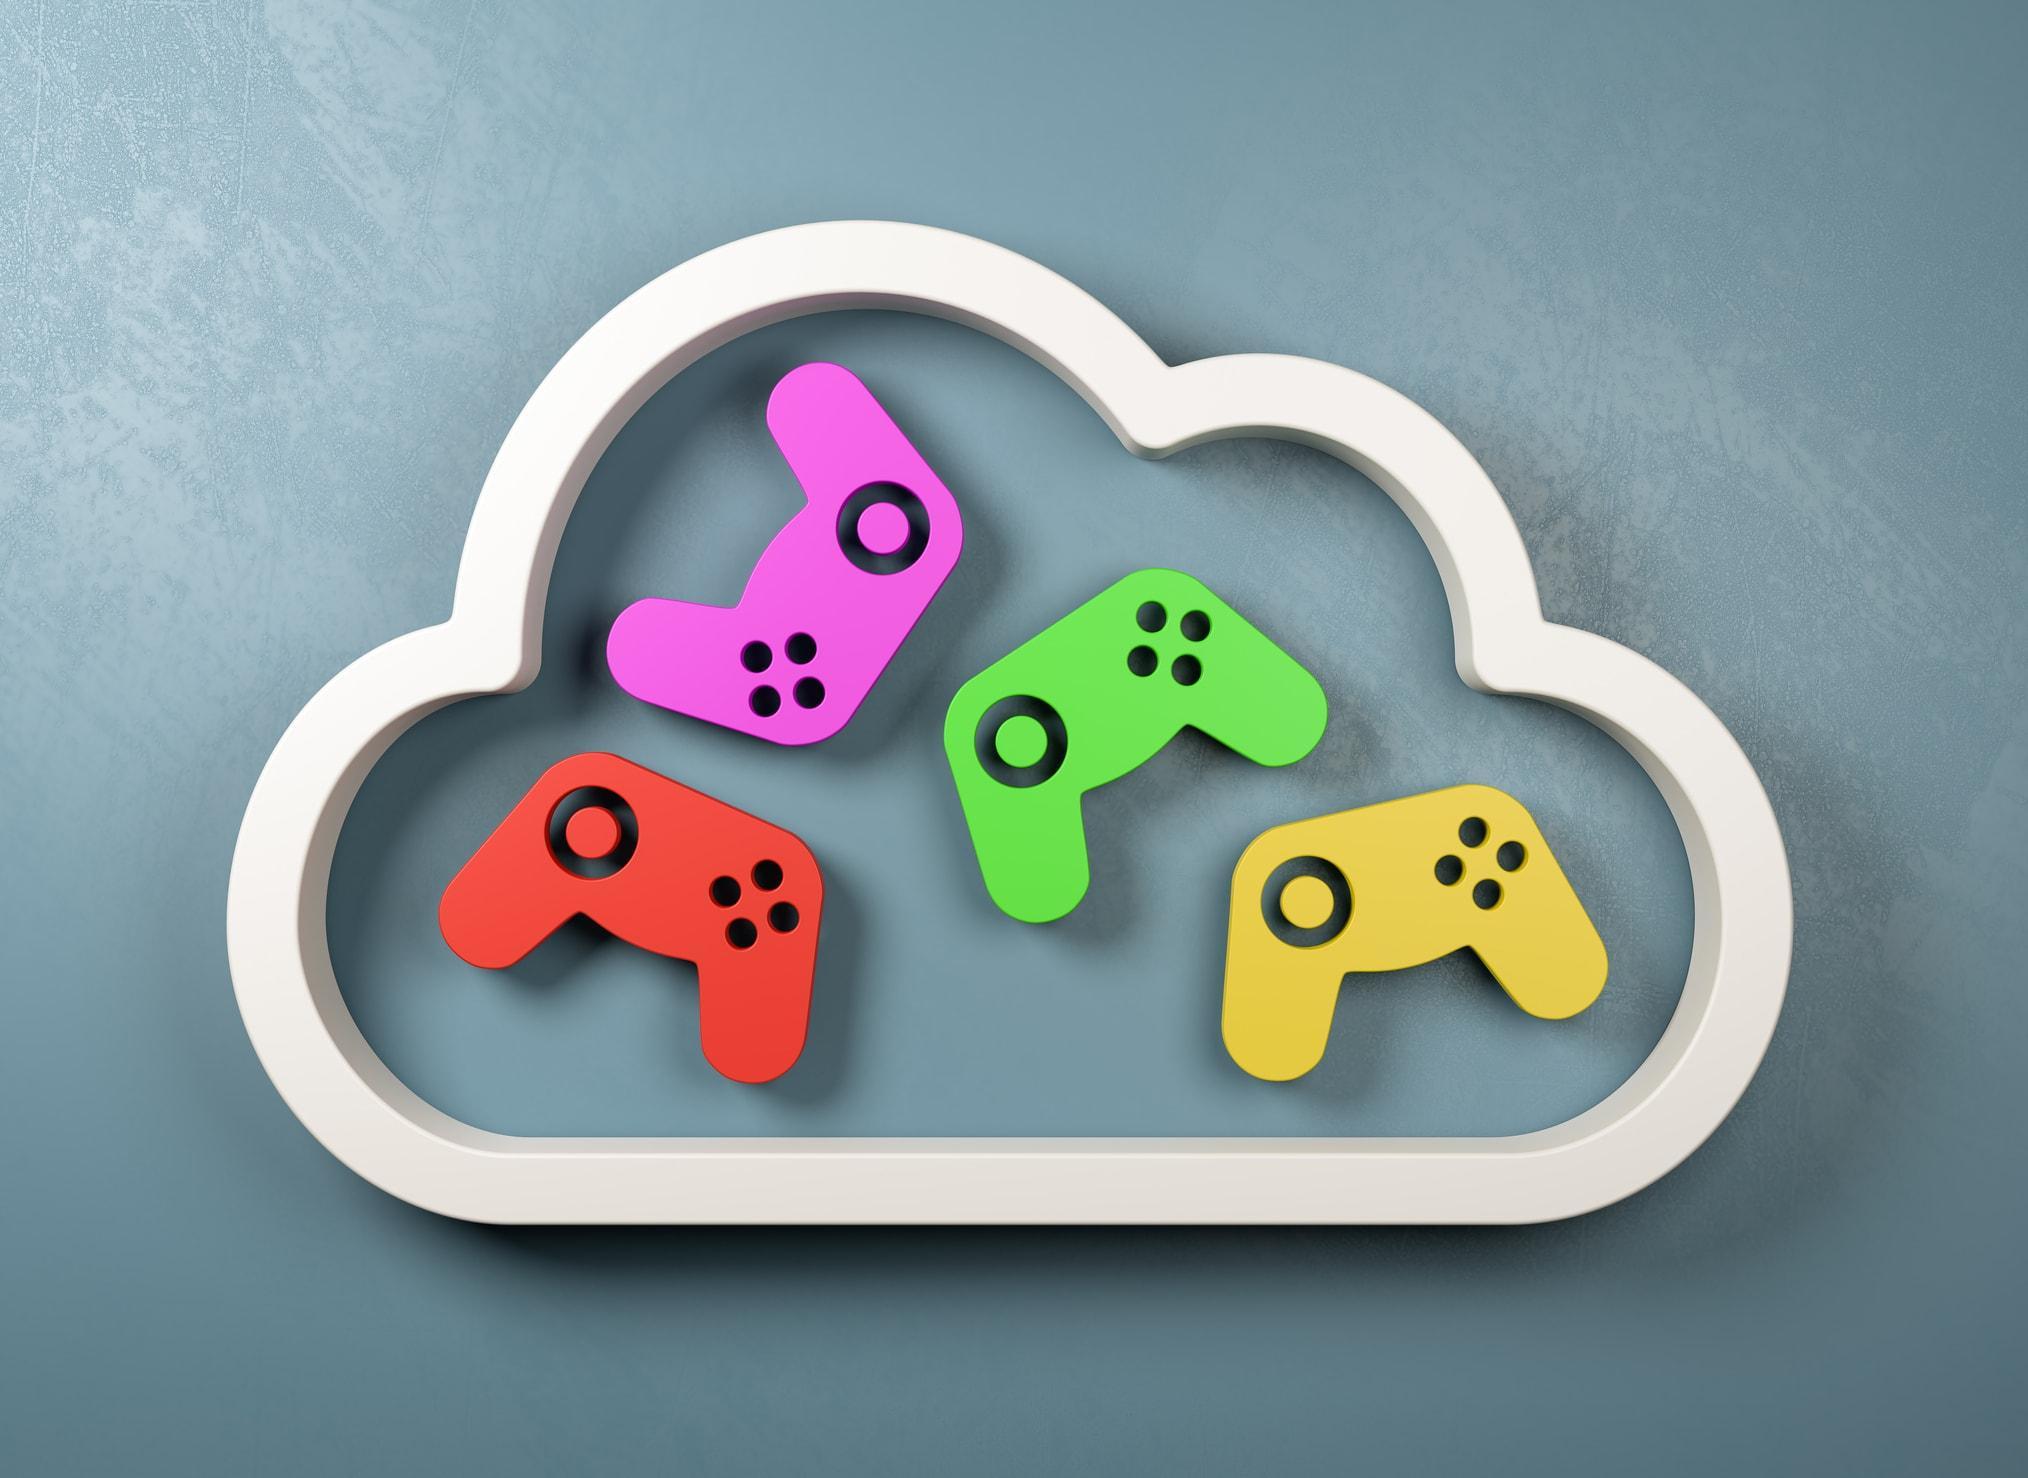 Облака сгущаются: чем cloud-сервисы опасны для игровой индустрии? - 1